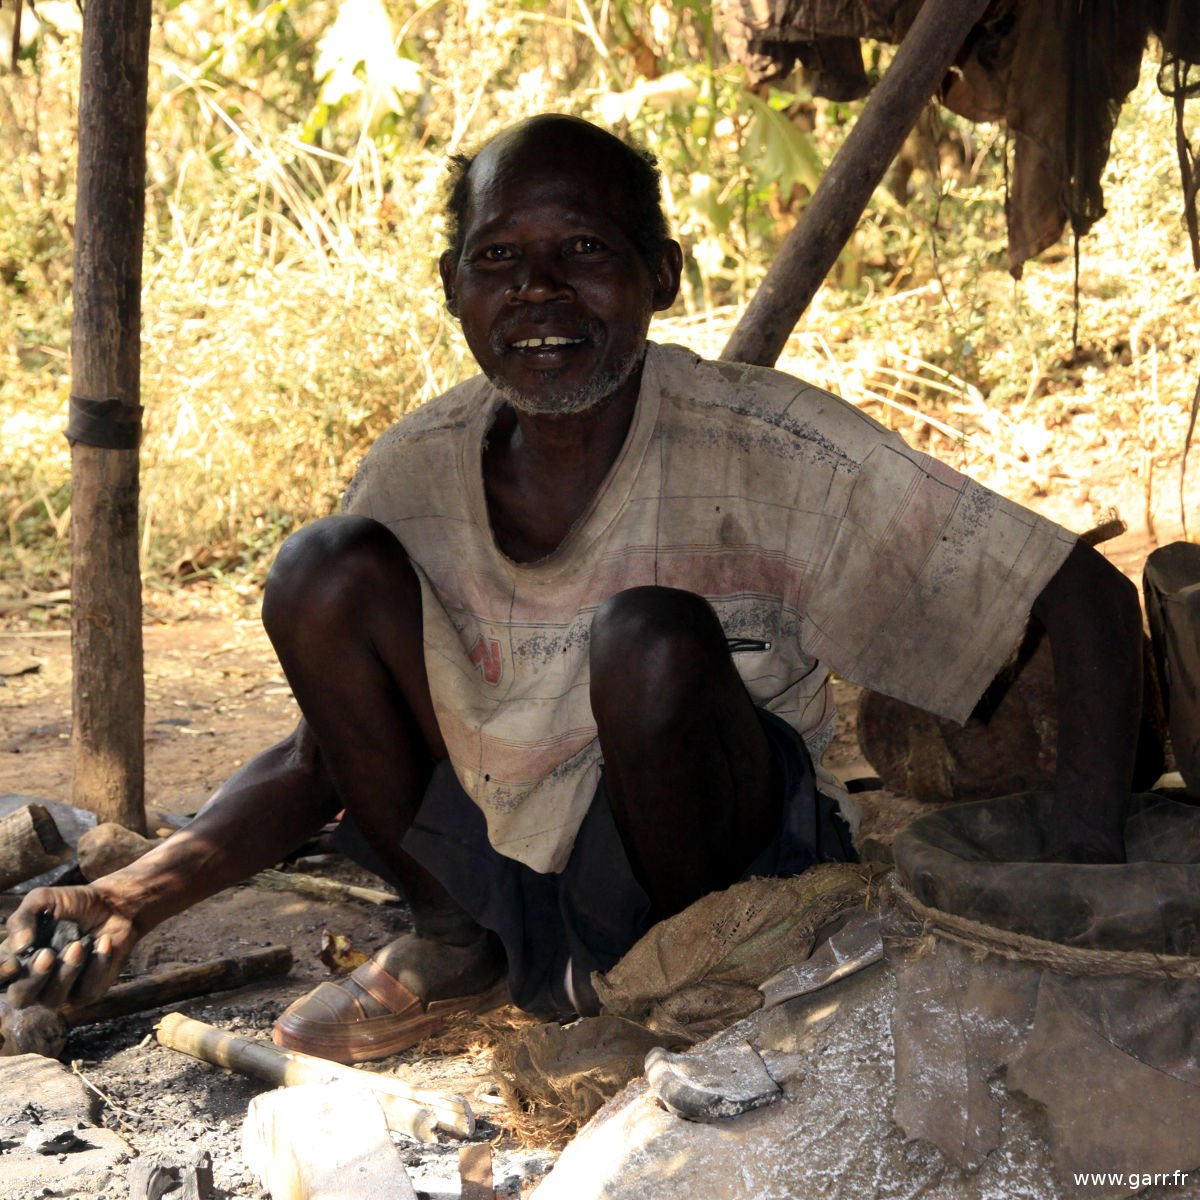 ethiopie-ari-40-garr-fr_